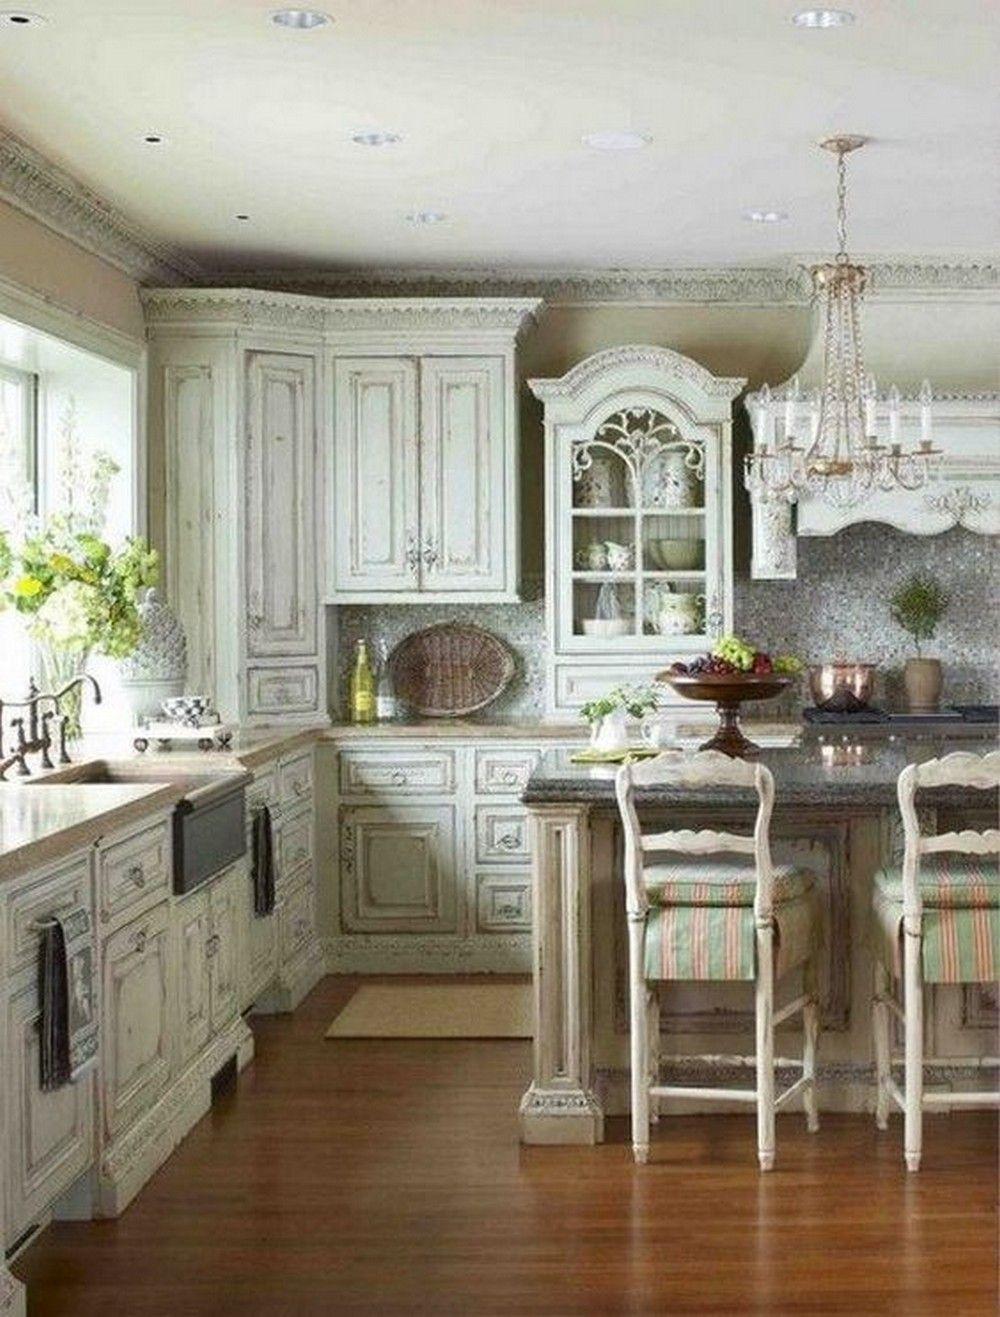 80 Elegant White Shabby Chic Kitchen Wall Shelves Shabby Chic Kitchen Cabinets Shabby Chic Kitchen Decor Chic Kitchen Decor